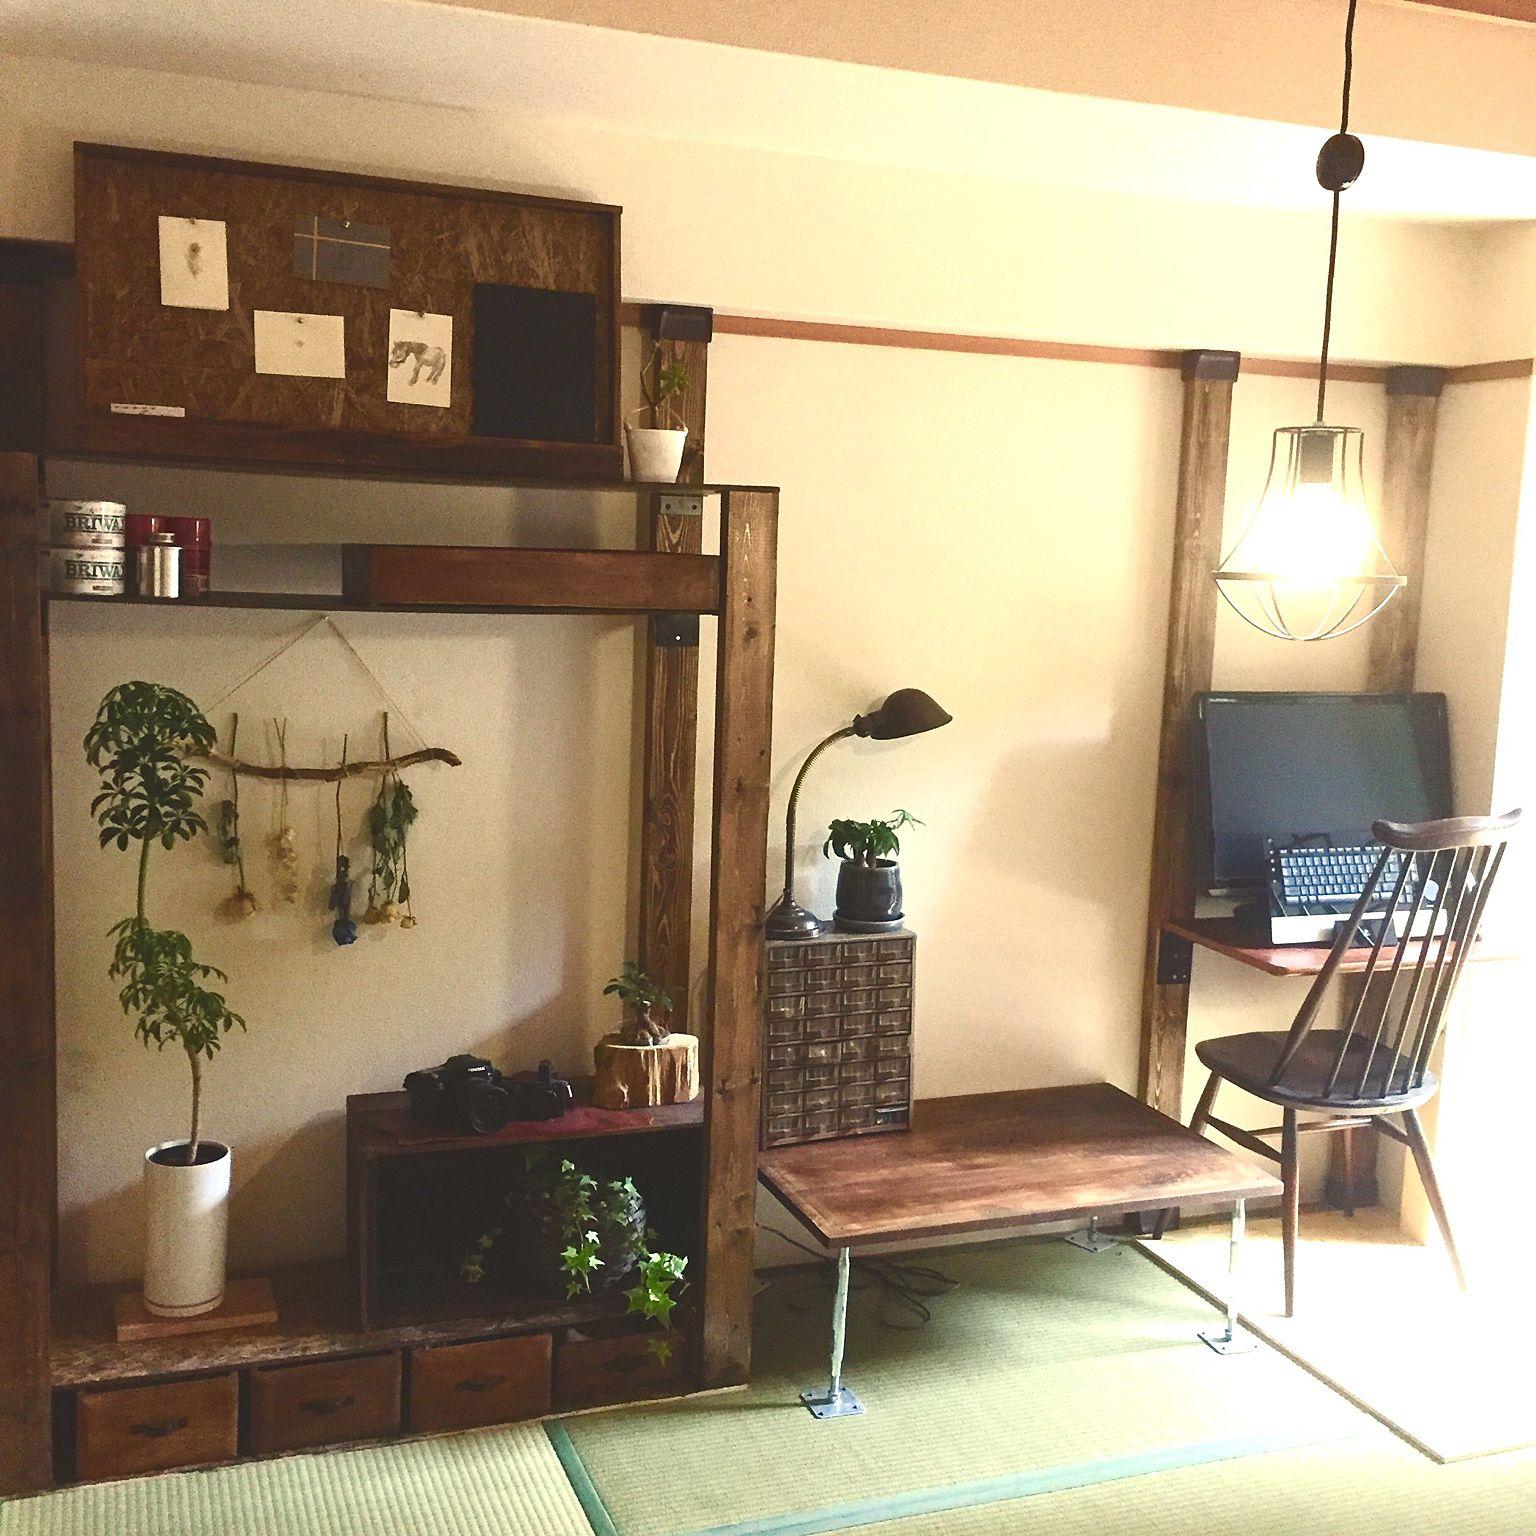 ディアウォールで壁におしゃれな棚をdiy 参考アイデア集 Diyer S リノベと暮らしとdiy